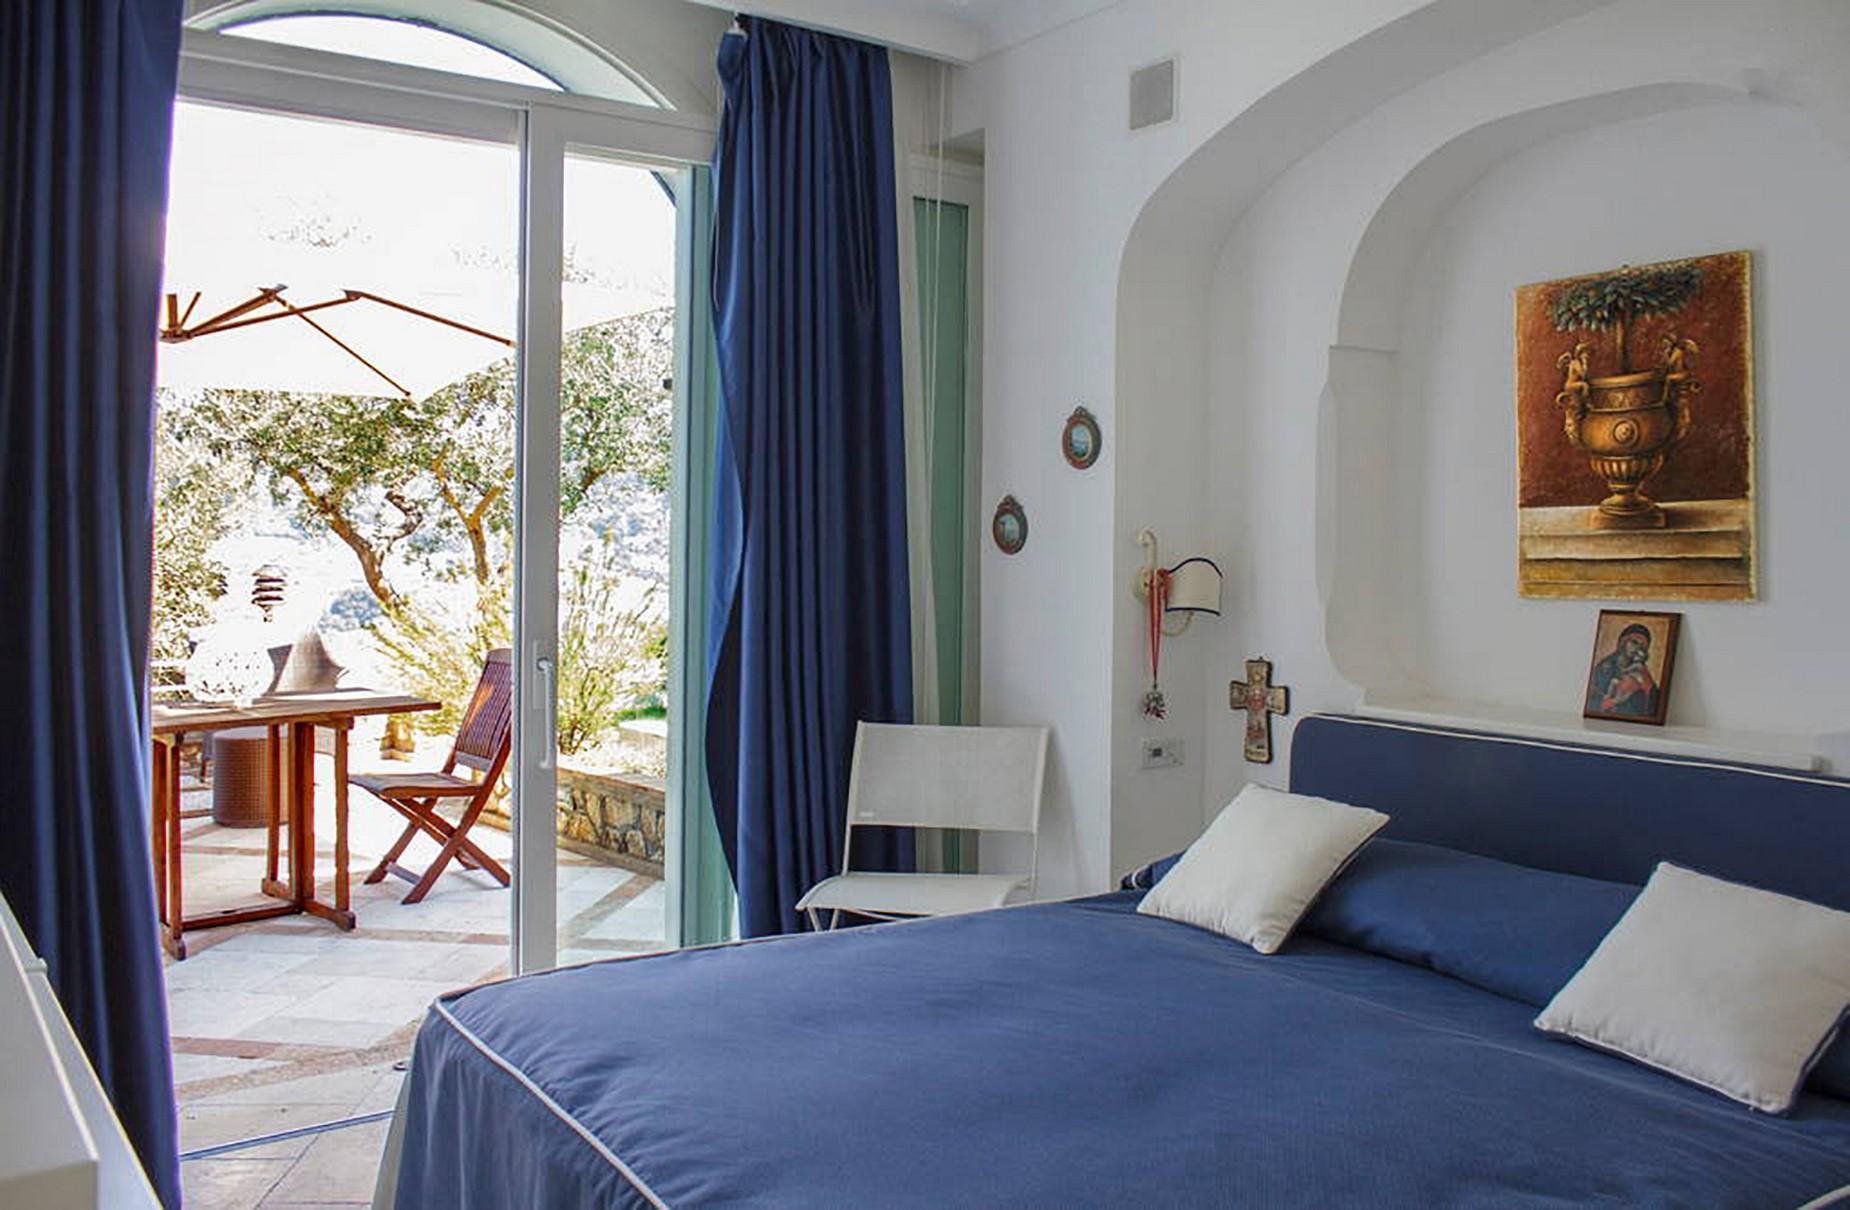 Очаровательная вилла с панорамным бассейном в центре легендарного острова Капри, Италия - 12